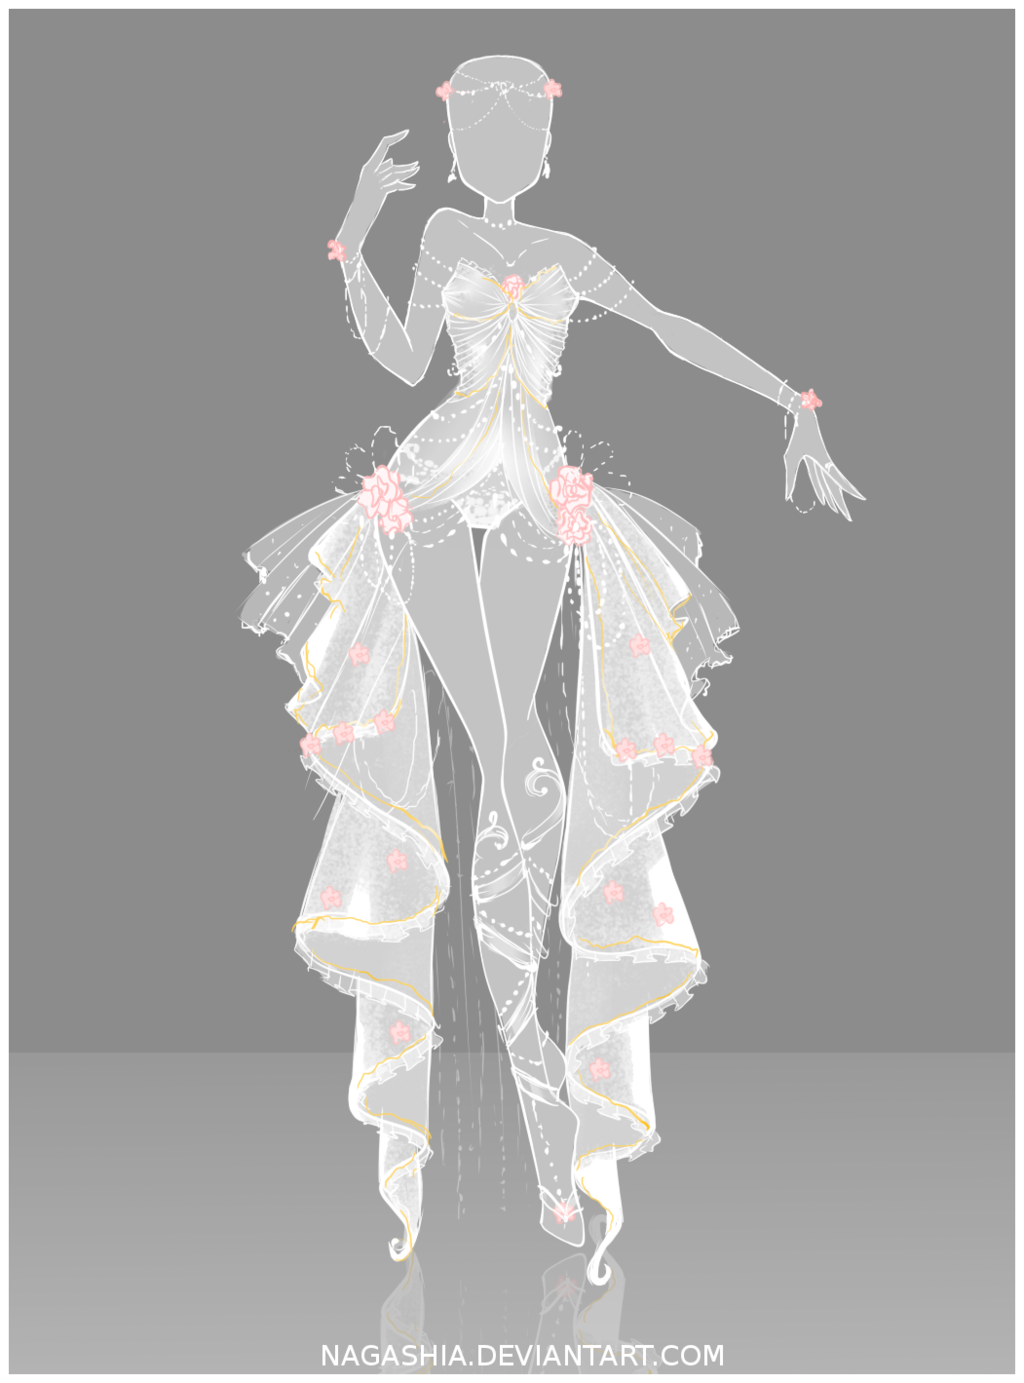 On Outfit deviantart Silverangel907 By Com 4TxfBf